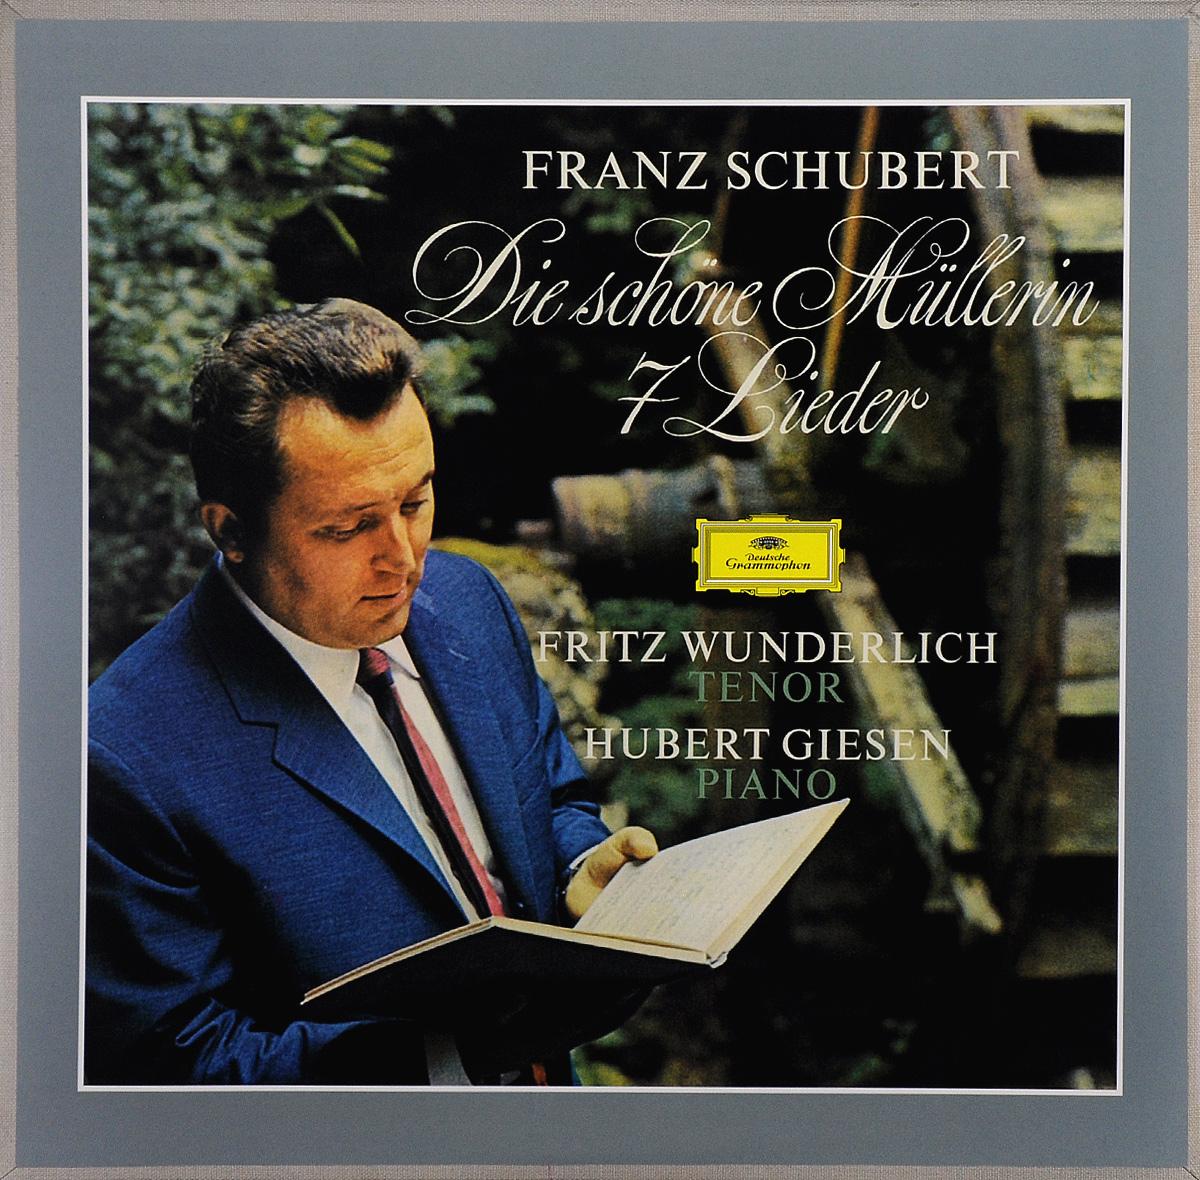 Fritz Wunderlich. Hubert Giesen. Franz Schubert. Die Schone Mullerin / 7 Lieder (LP)